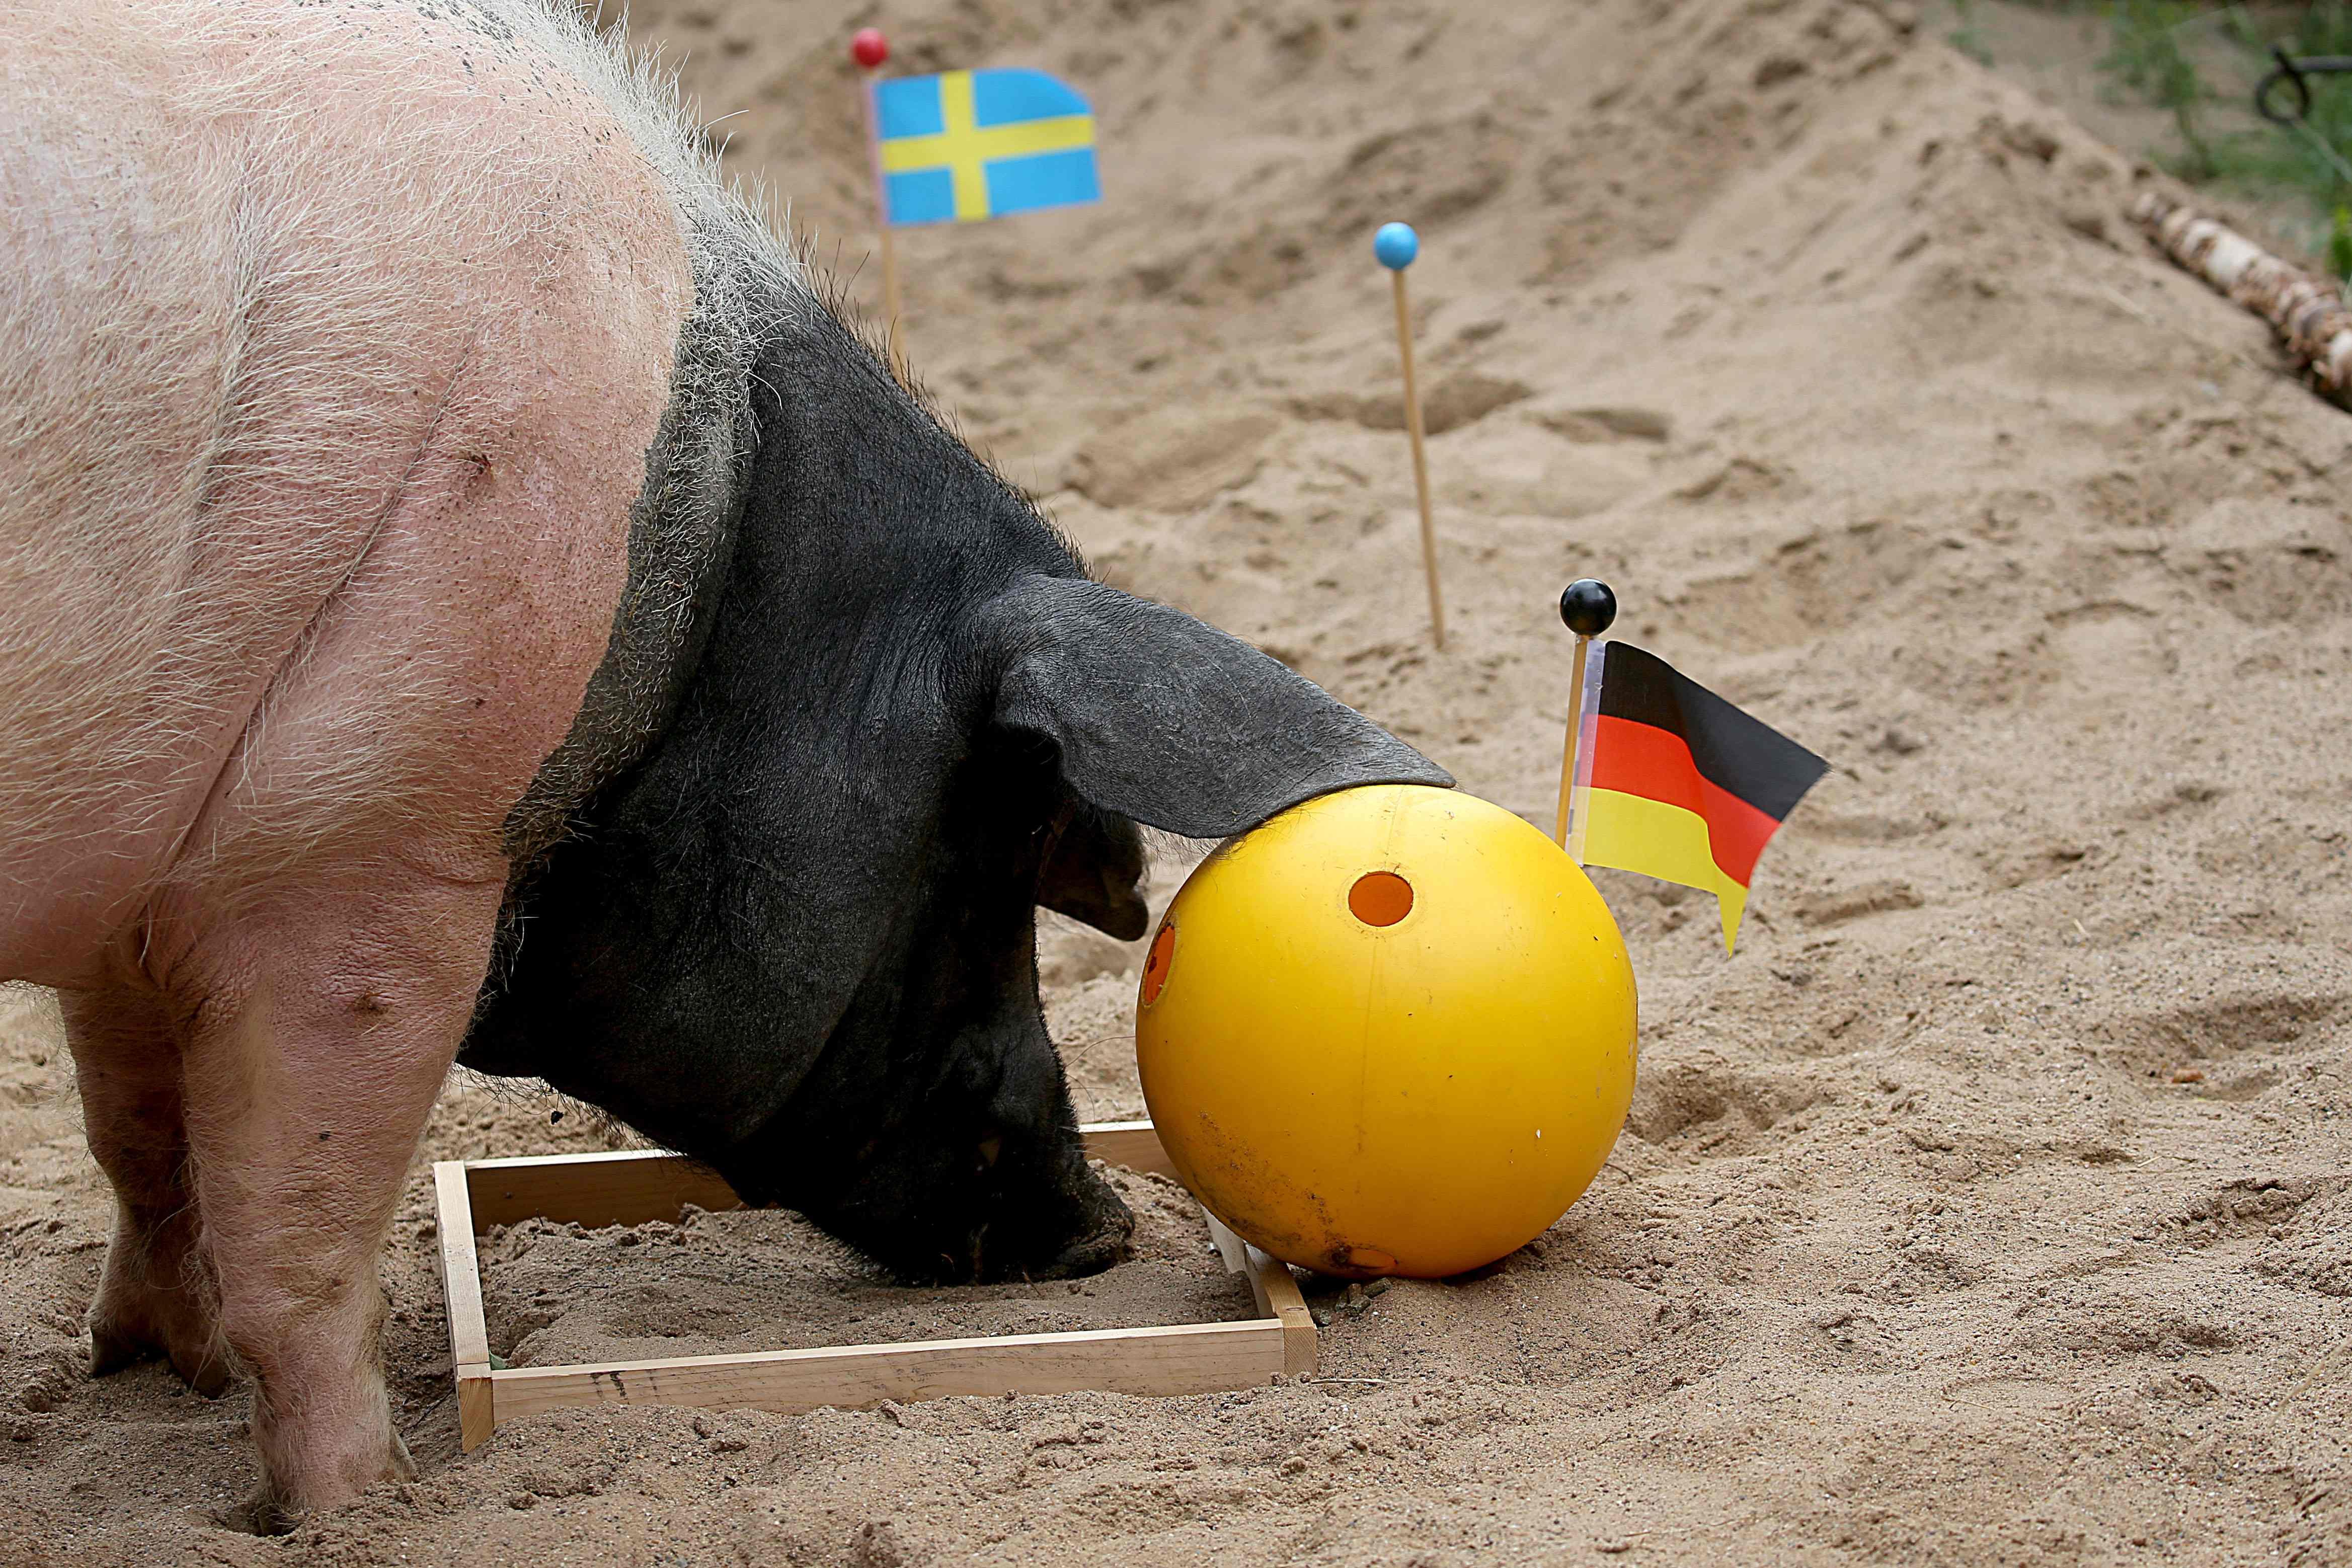 الخنزير هارى يتنبأ بفوز ألمانيا فى مواجهة السويد